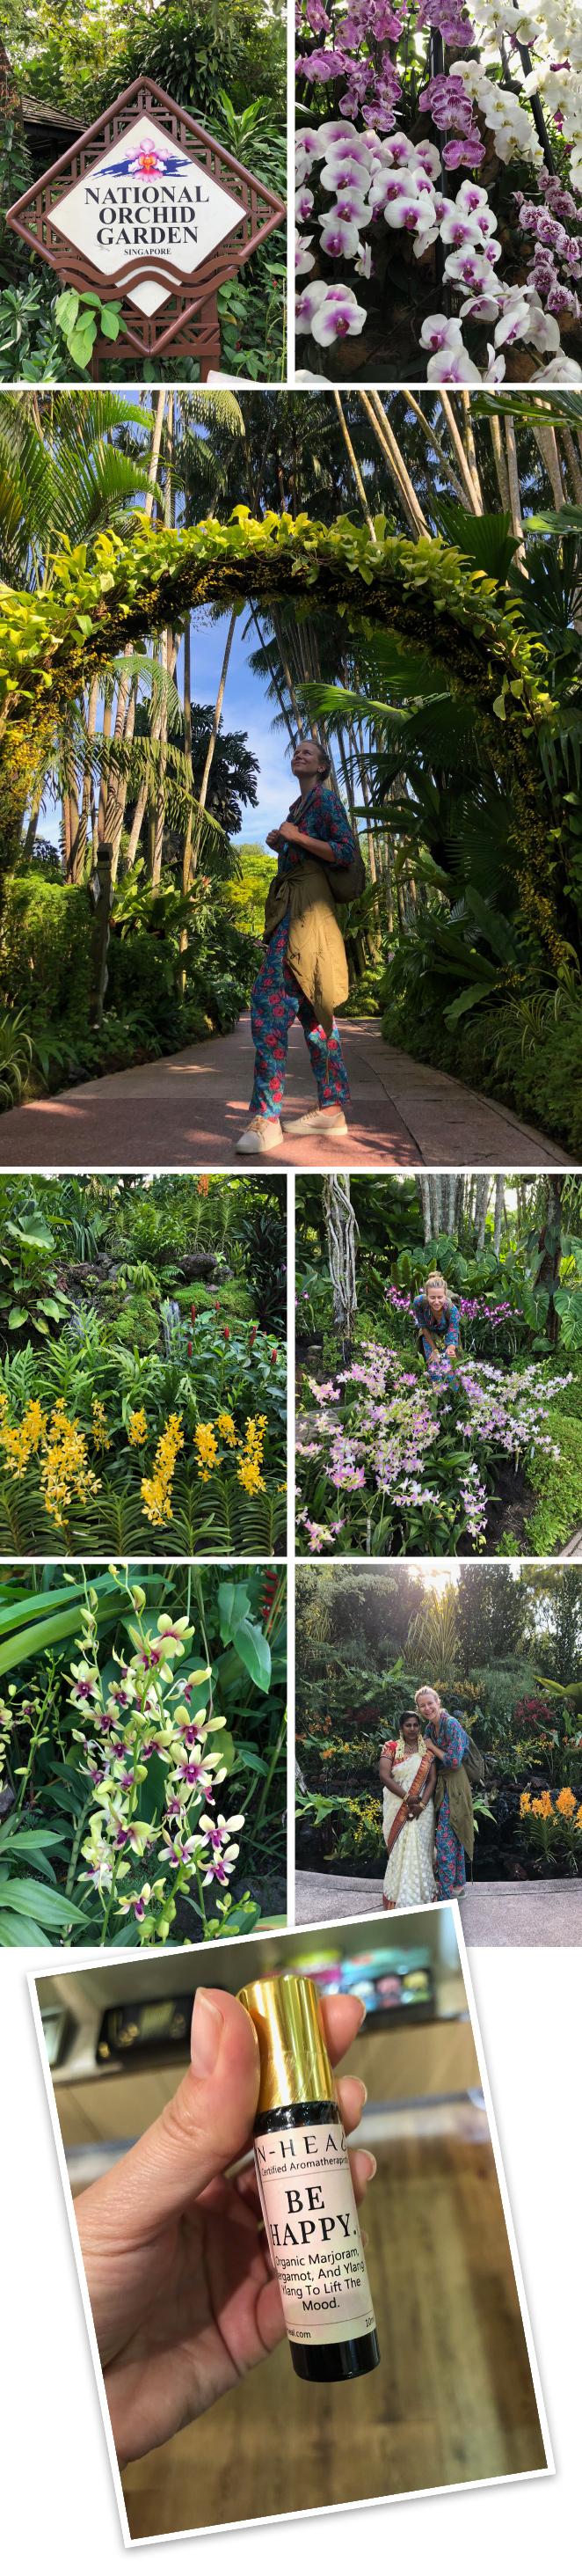 Los Jardines Botánicos y su jardín especial dedicado a la orquídeas. Es de los lugares más bonitos en los que he estado en mi vida. Si os gustan la plantas y, en concreto, las orquídeas, éste es el lugar ideal para poder admirar su belleza desde cerca. Hay una gran variedad de ellas, nunca vistas antes, con múltiples formas y colores.